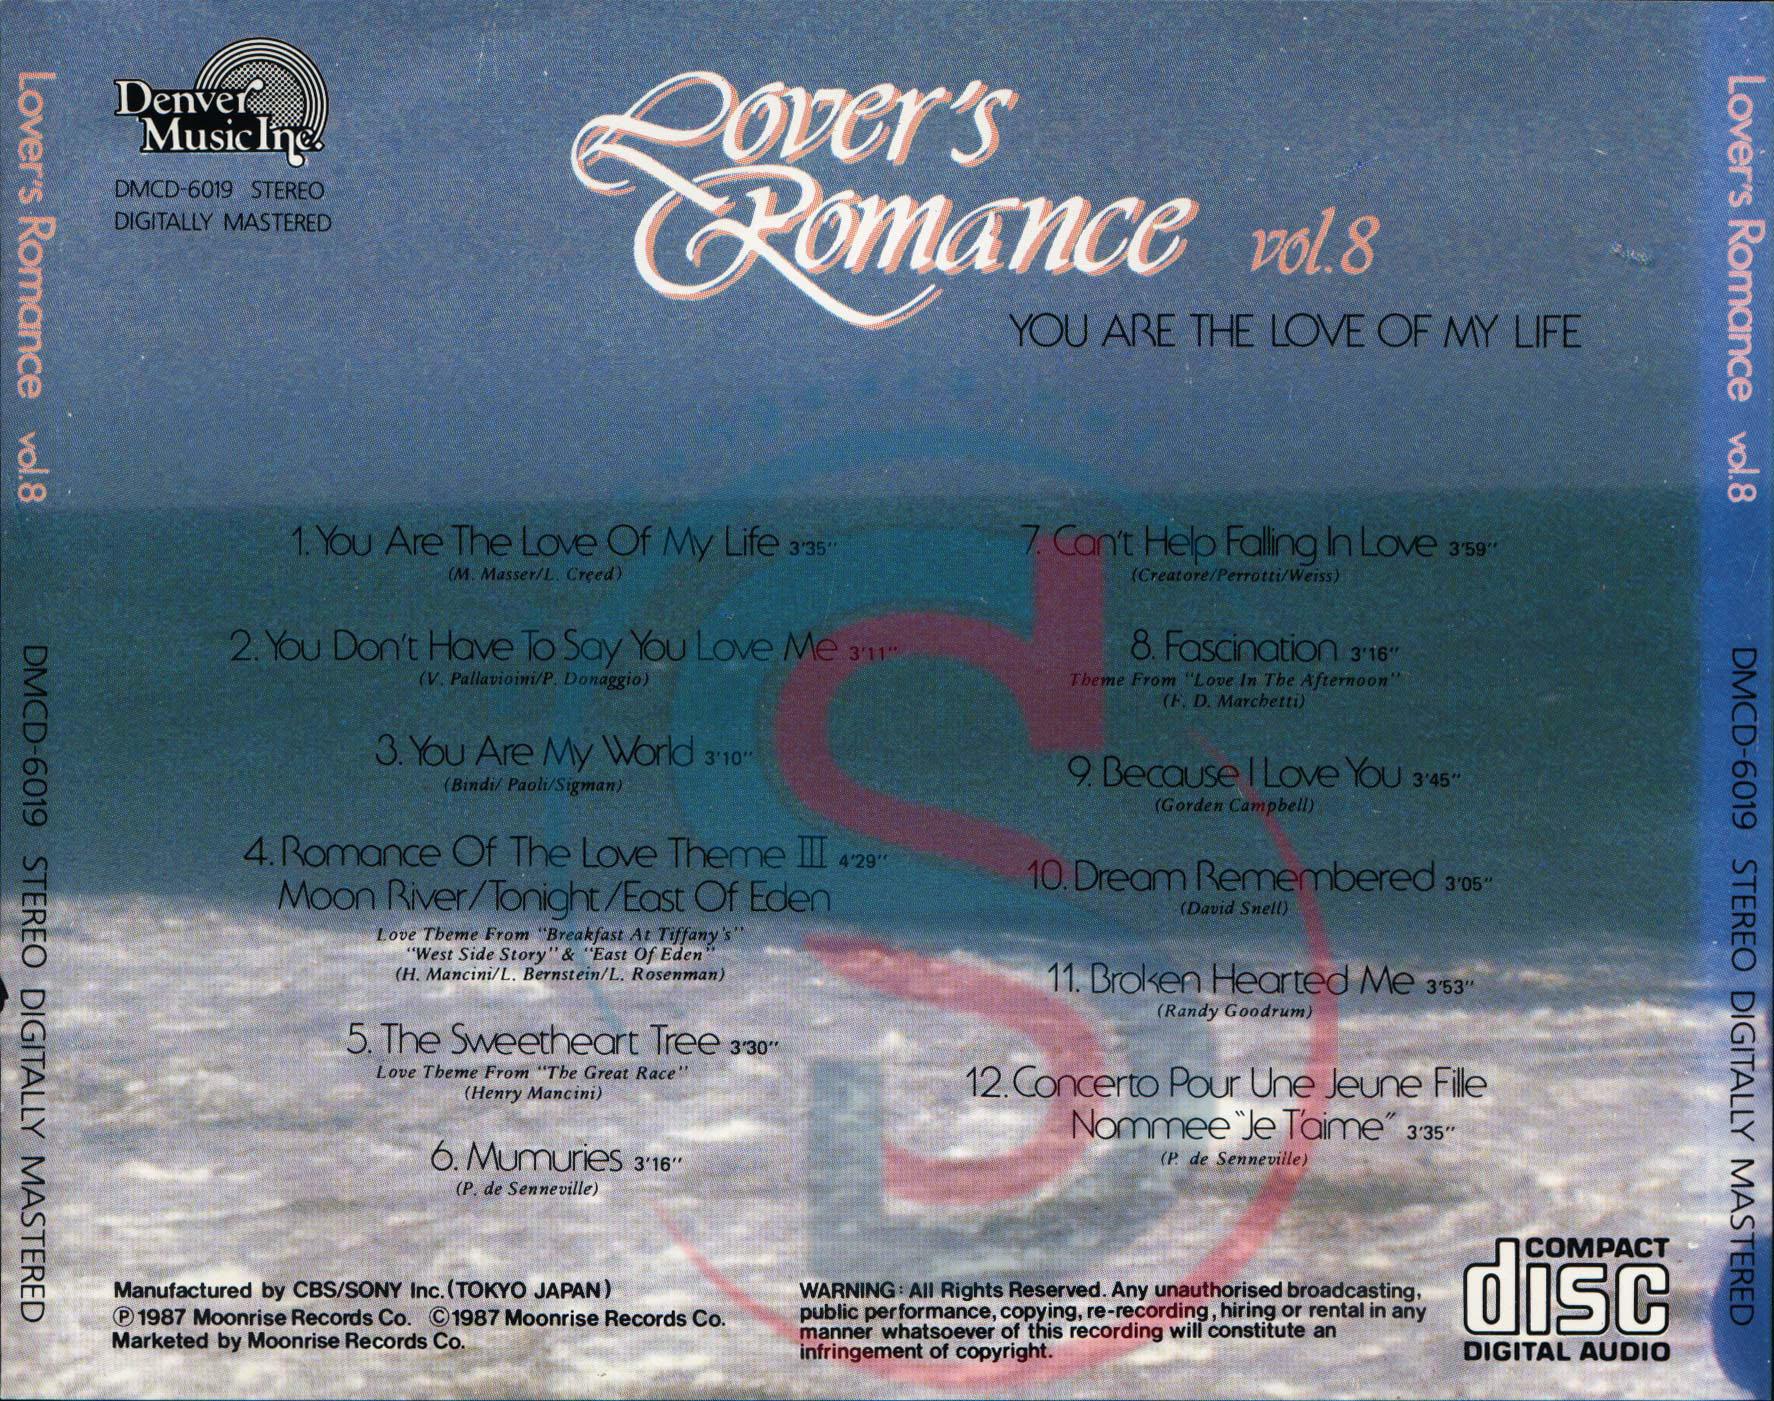 https://dl.songsara.net/instrumental/Album%20I/Lover%27s%20Romance%20Vol.08%20(You%20Are%20The%20Love%20Of%20My%20Life)%20SONGSARA.NET/Back.jpg